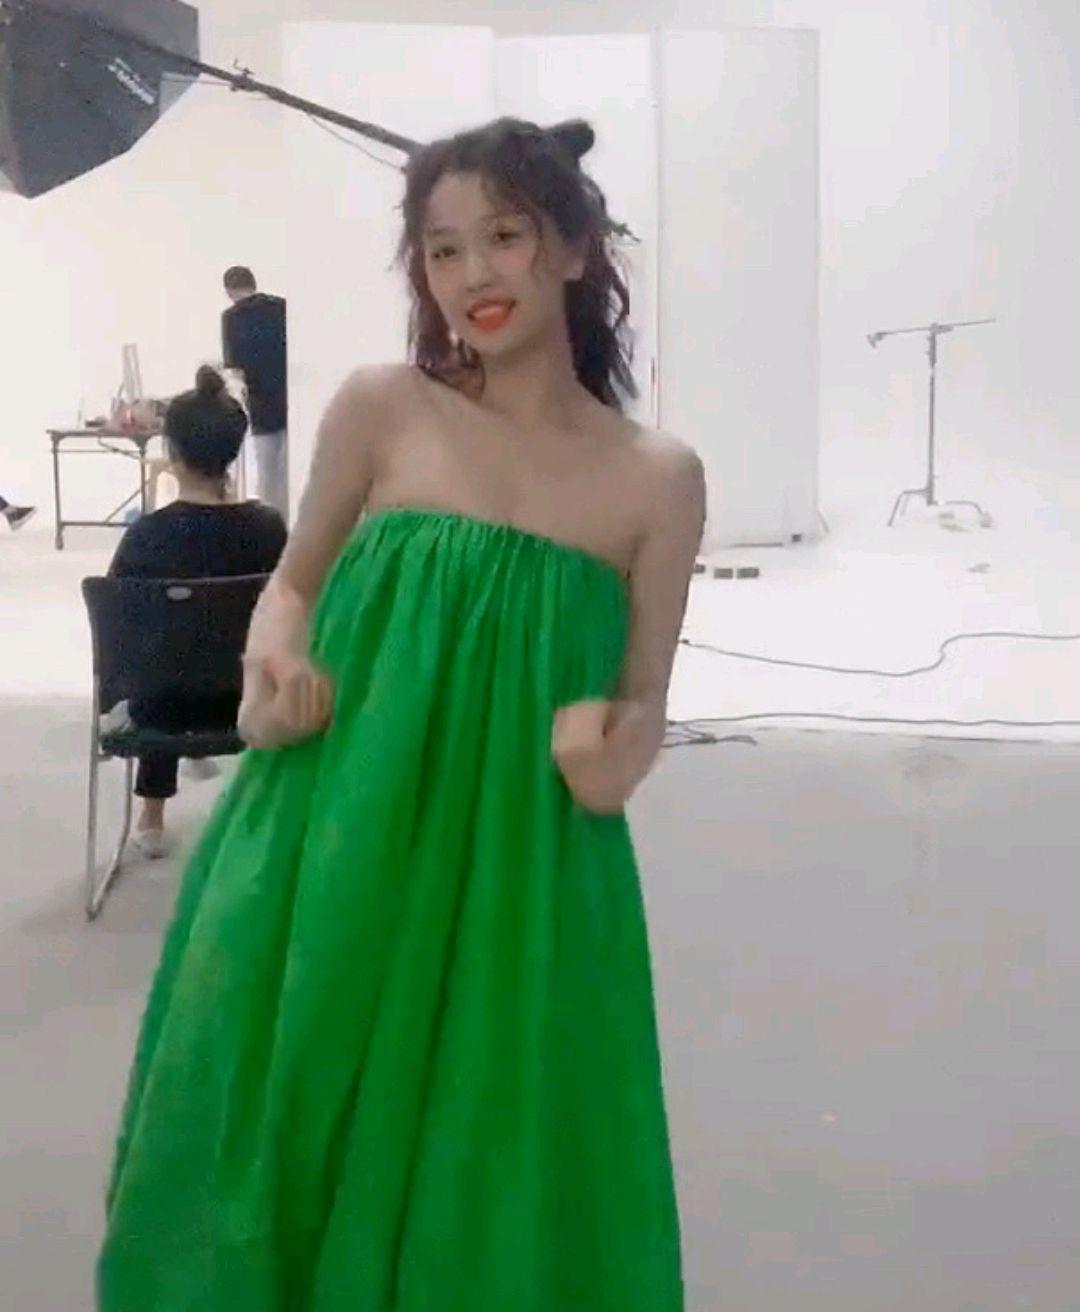 虞书欣土到极致便是潮?身穿宽松绿色抹胸连衣裙,视觉冲击太大